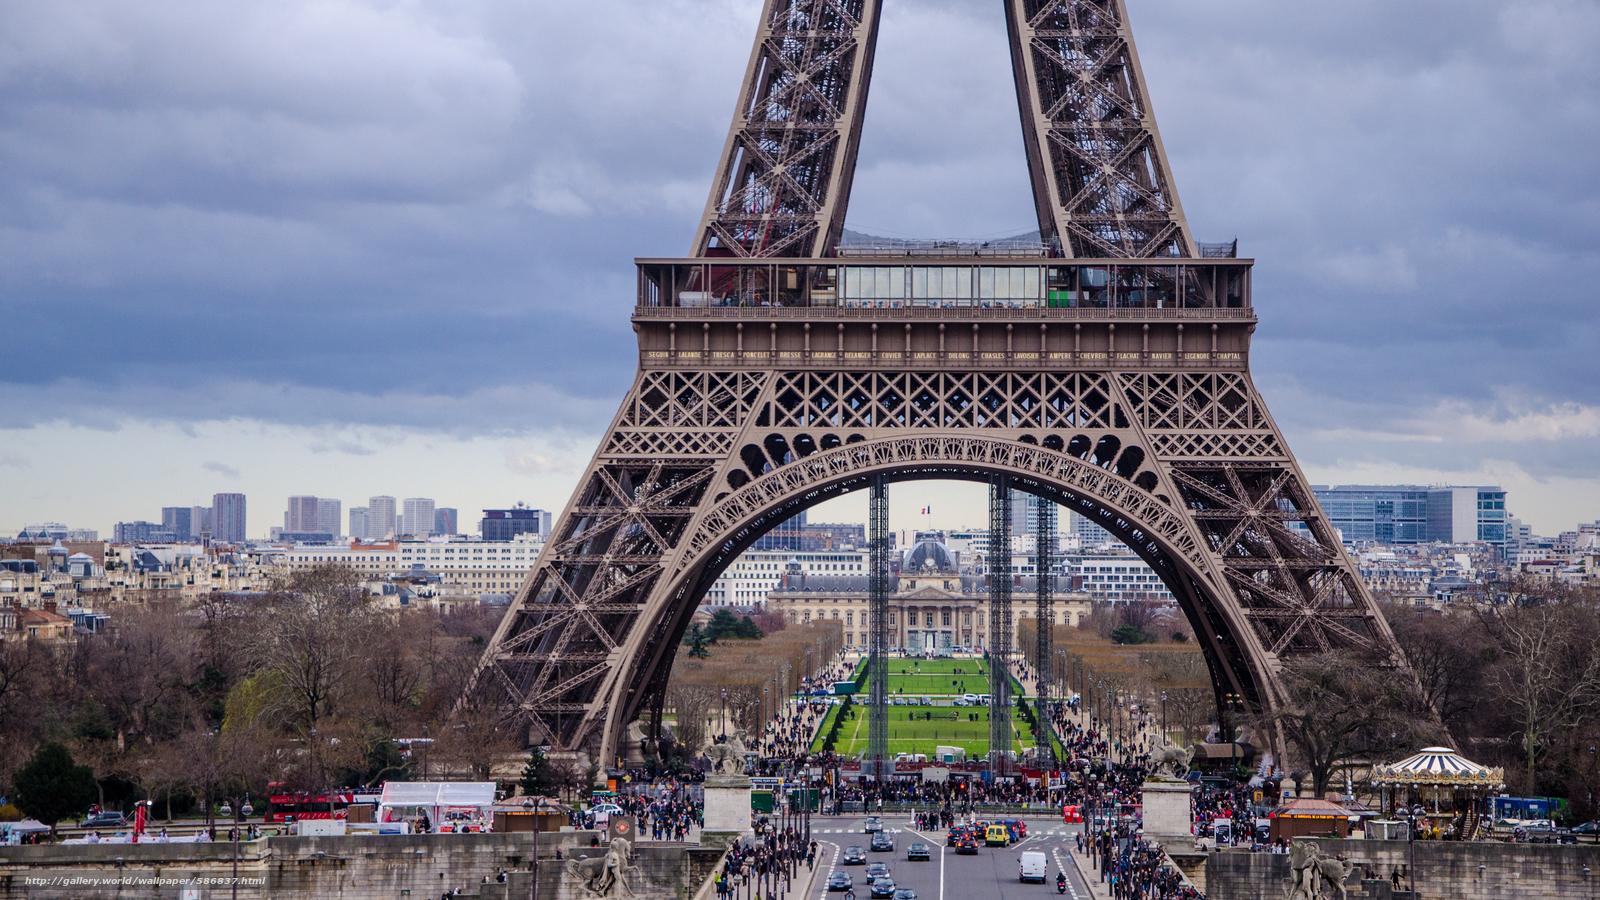 Tlcharger Fond D Ecran Paris Tour Eiffel France Fonds D